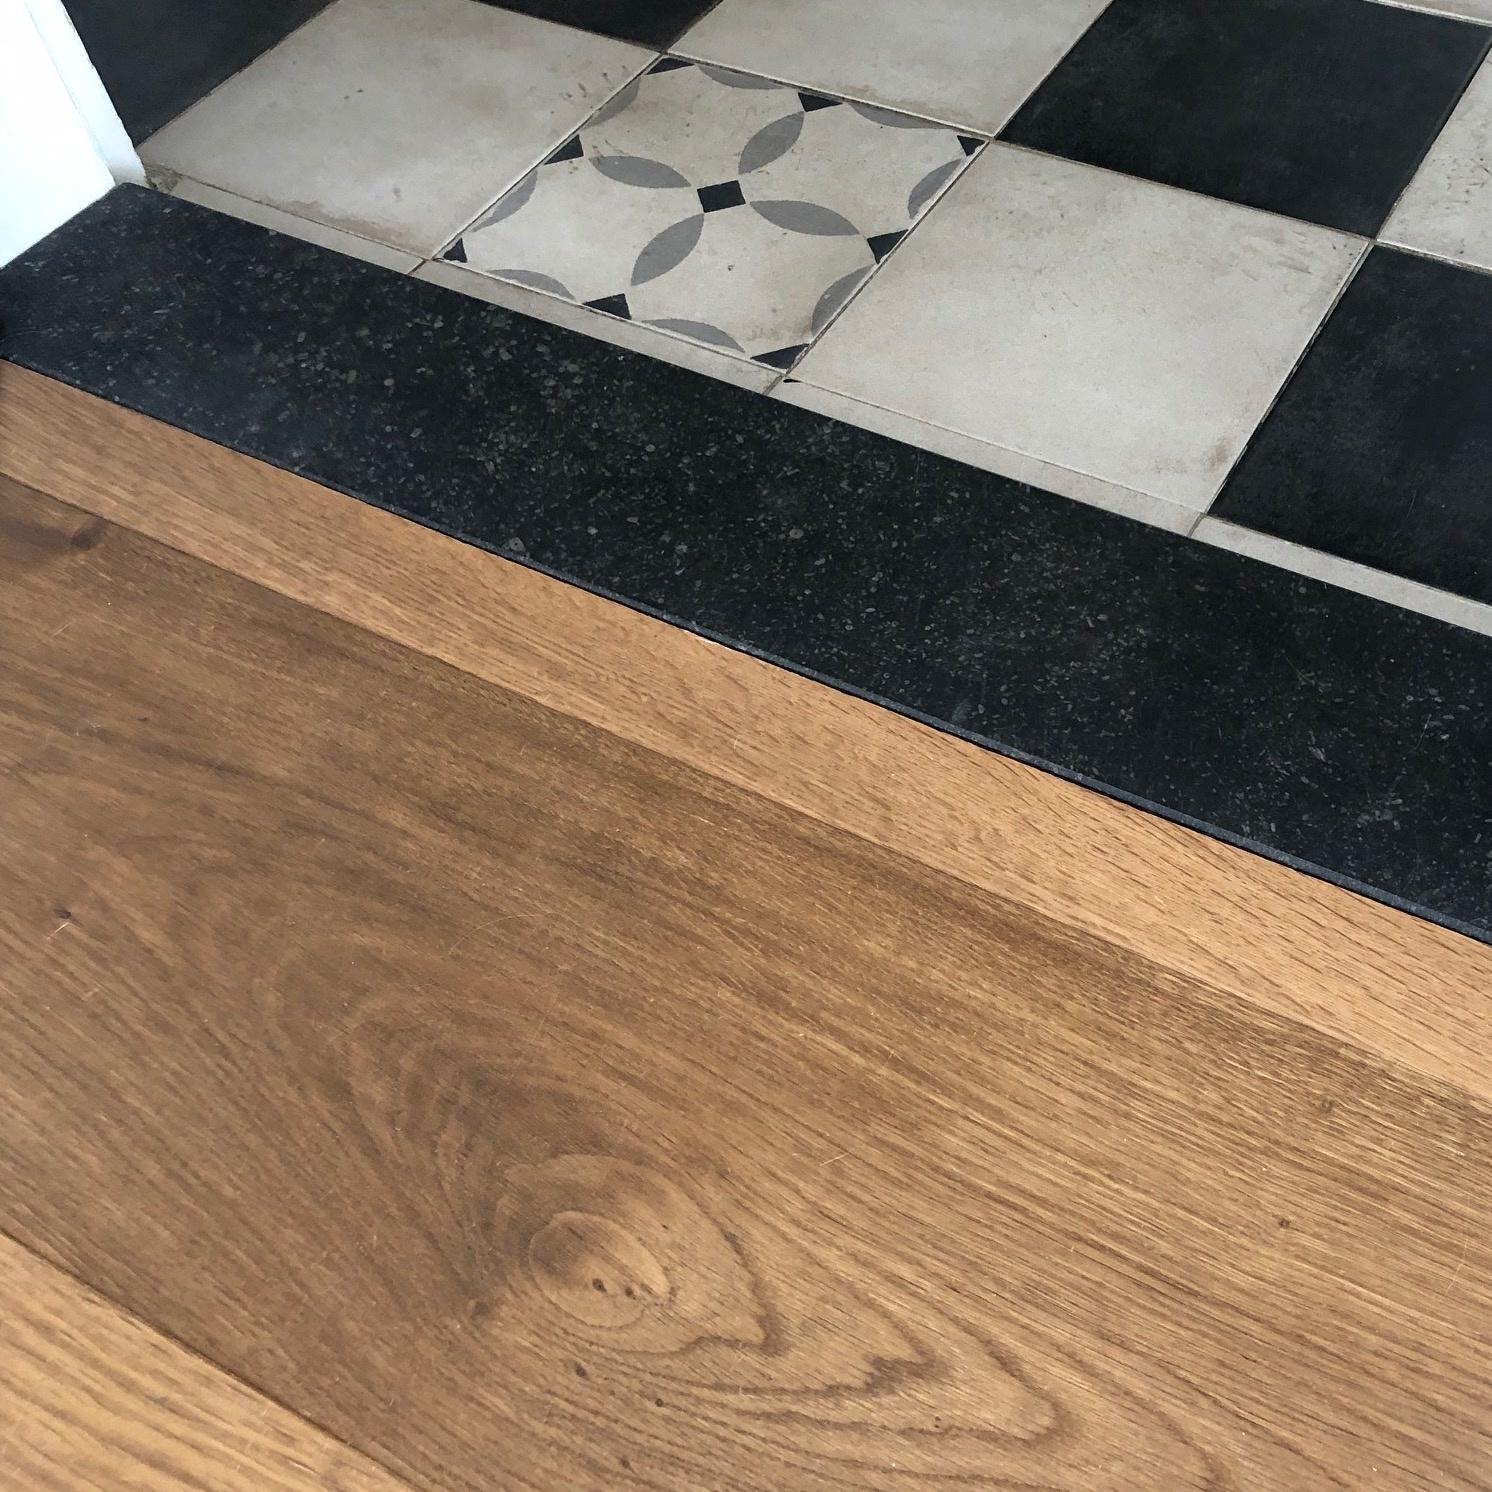 Dorpel Belgisch hardsteen donker gezoet 2 cm dik - OP MAAT- 2-25 cm breed - 10-230 cm lang - Arduin binnen (deur)dorpel - Antraciet